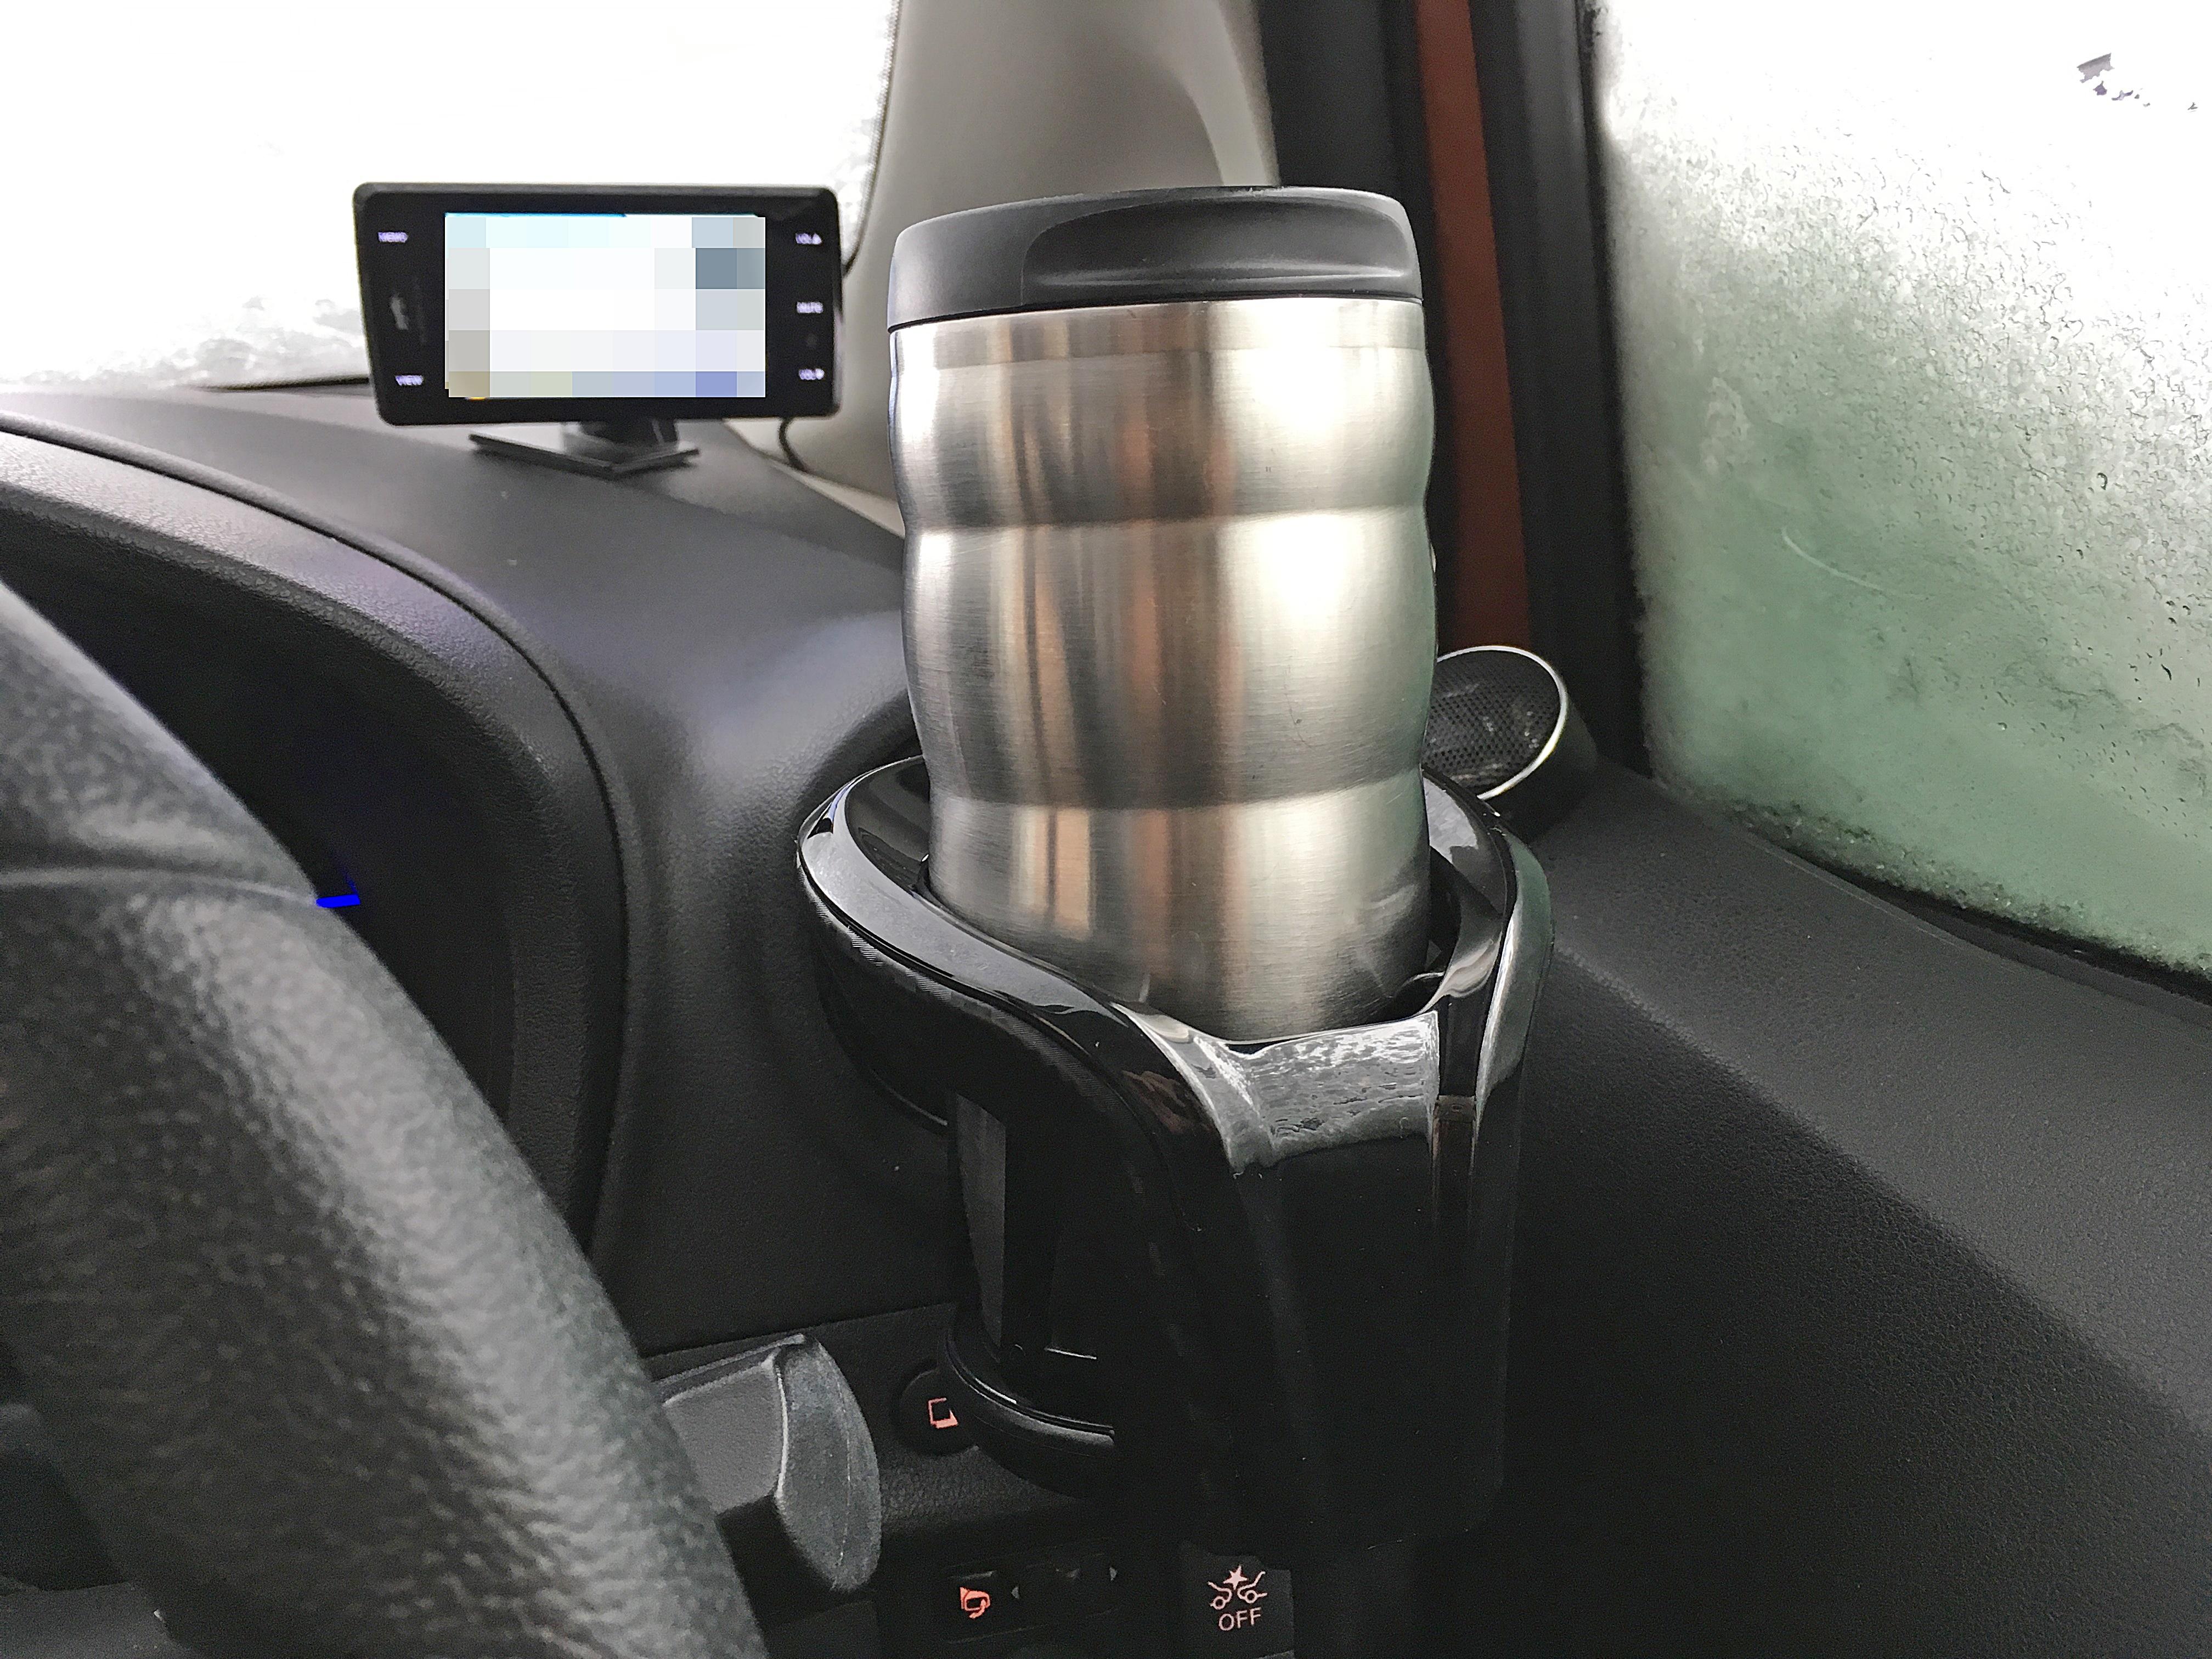 カップホルダー カーボンスタイル ブラックエディション with タンブラー.JPG